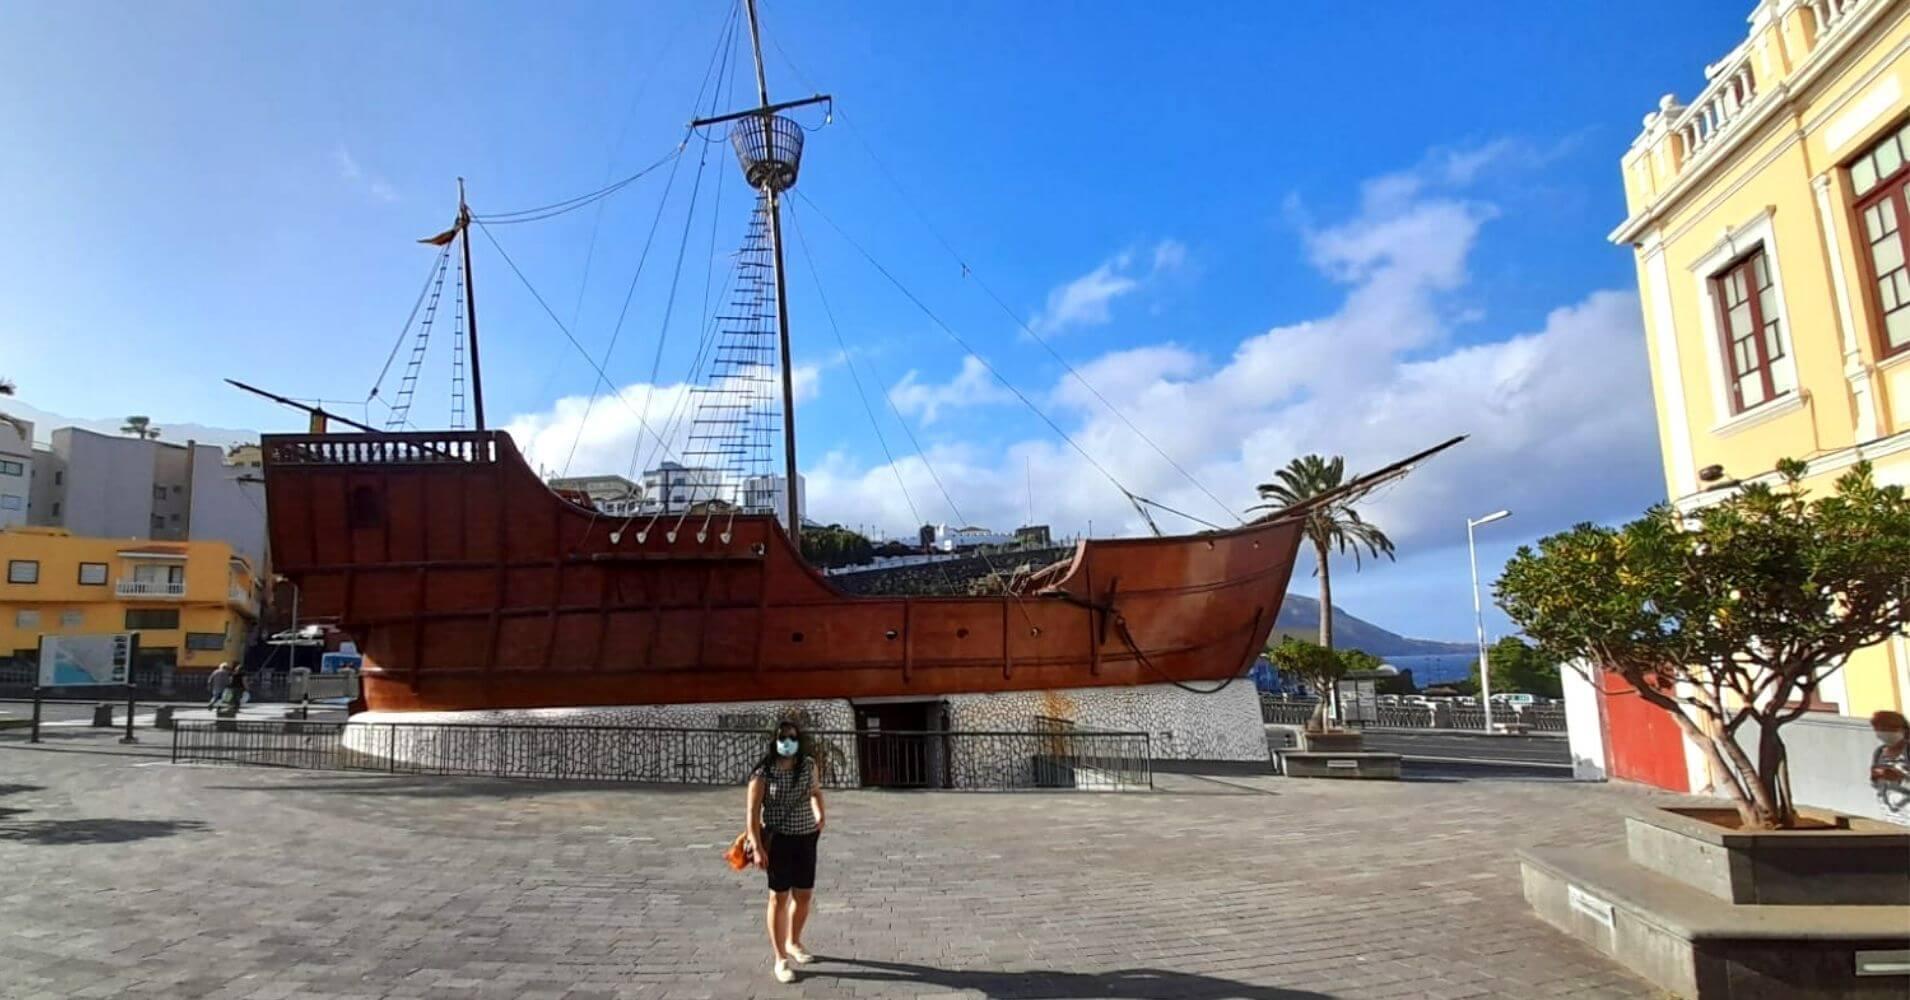 Museo Naval Barco de la Virgen. Santa Cruz de La Palma. Islas Canarias.